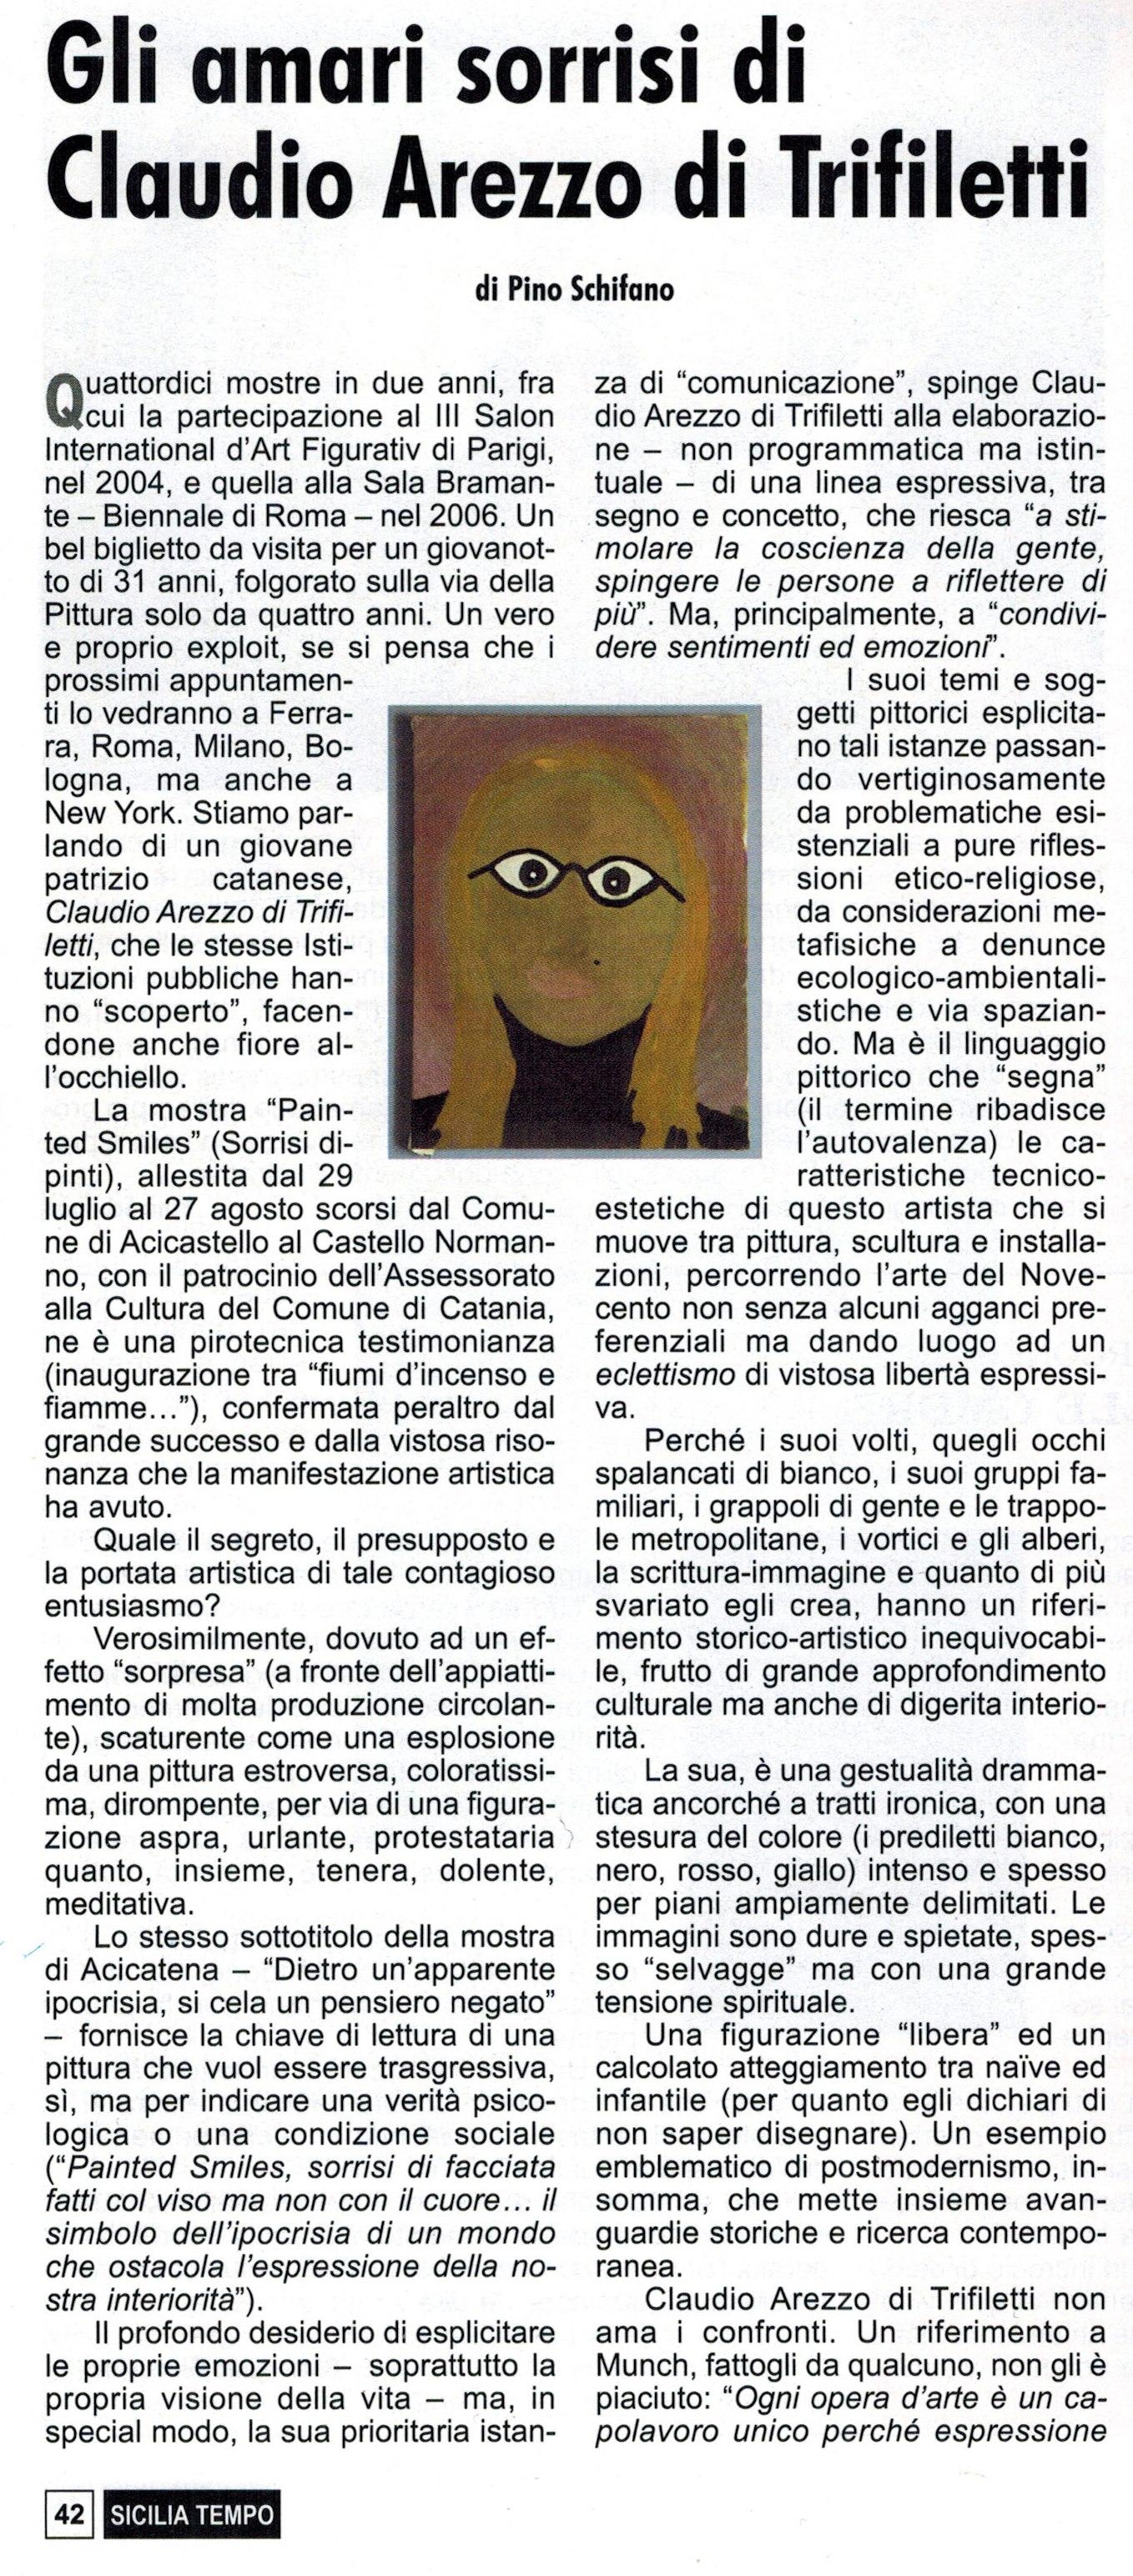 sicilia tempo n.439 - 2006